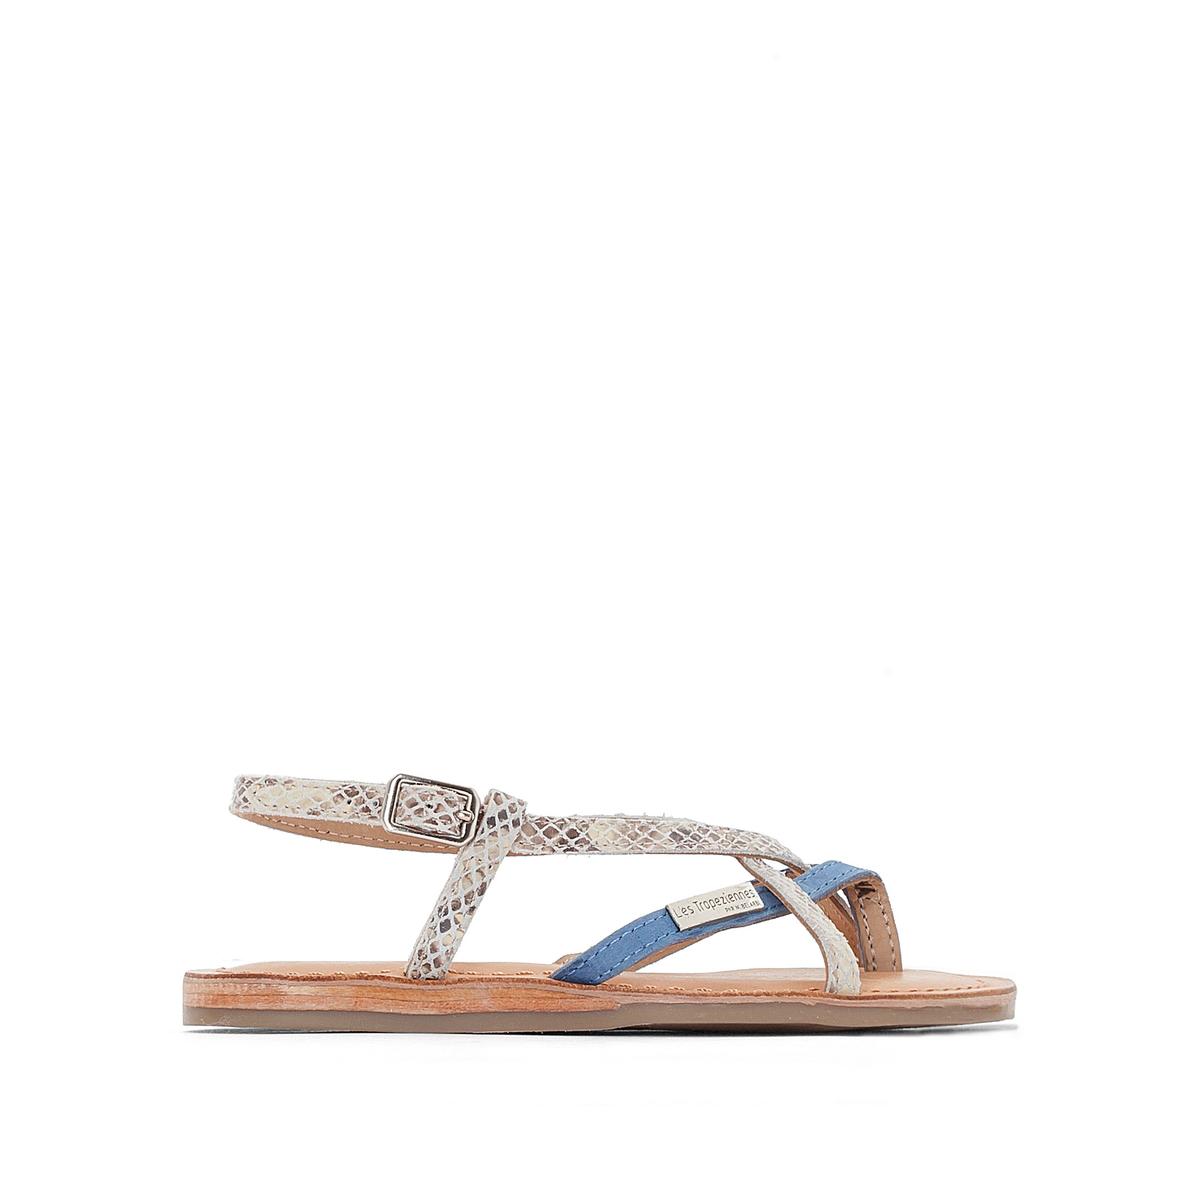 Босоножки кожаные Bonbon на плоском каблуке сапоги кожаные на плоском каблуке 1137